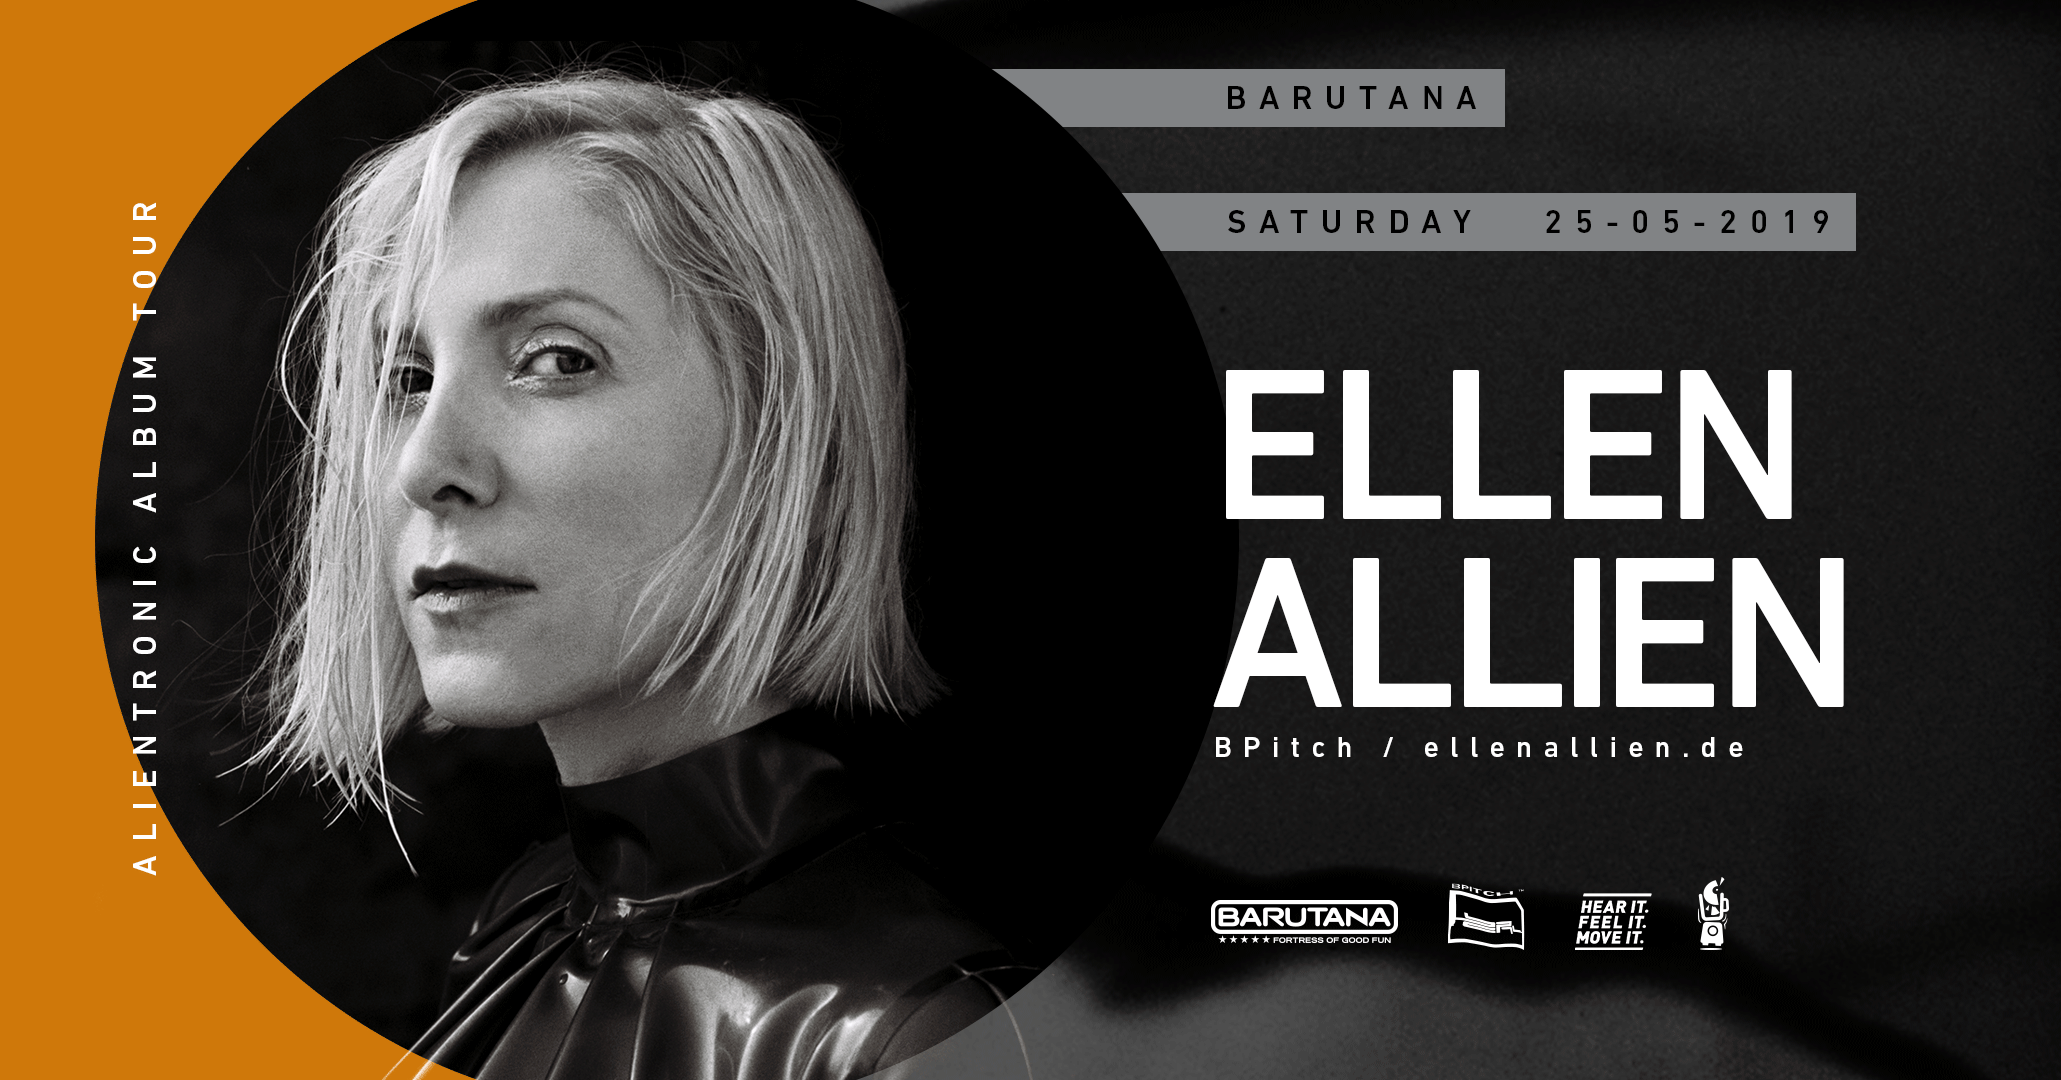 Ellen Allien, Barutana